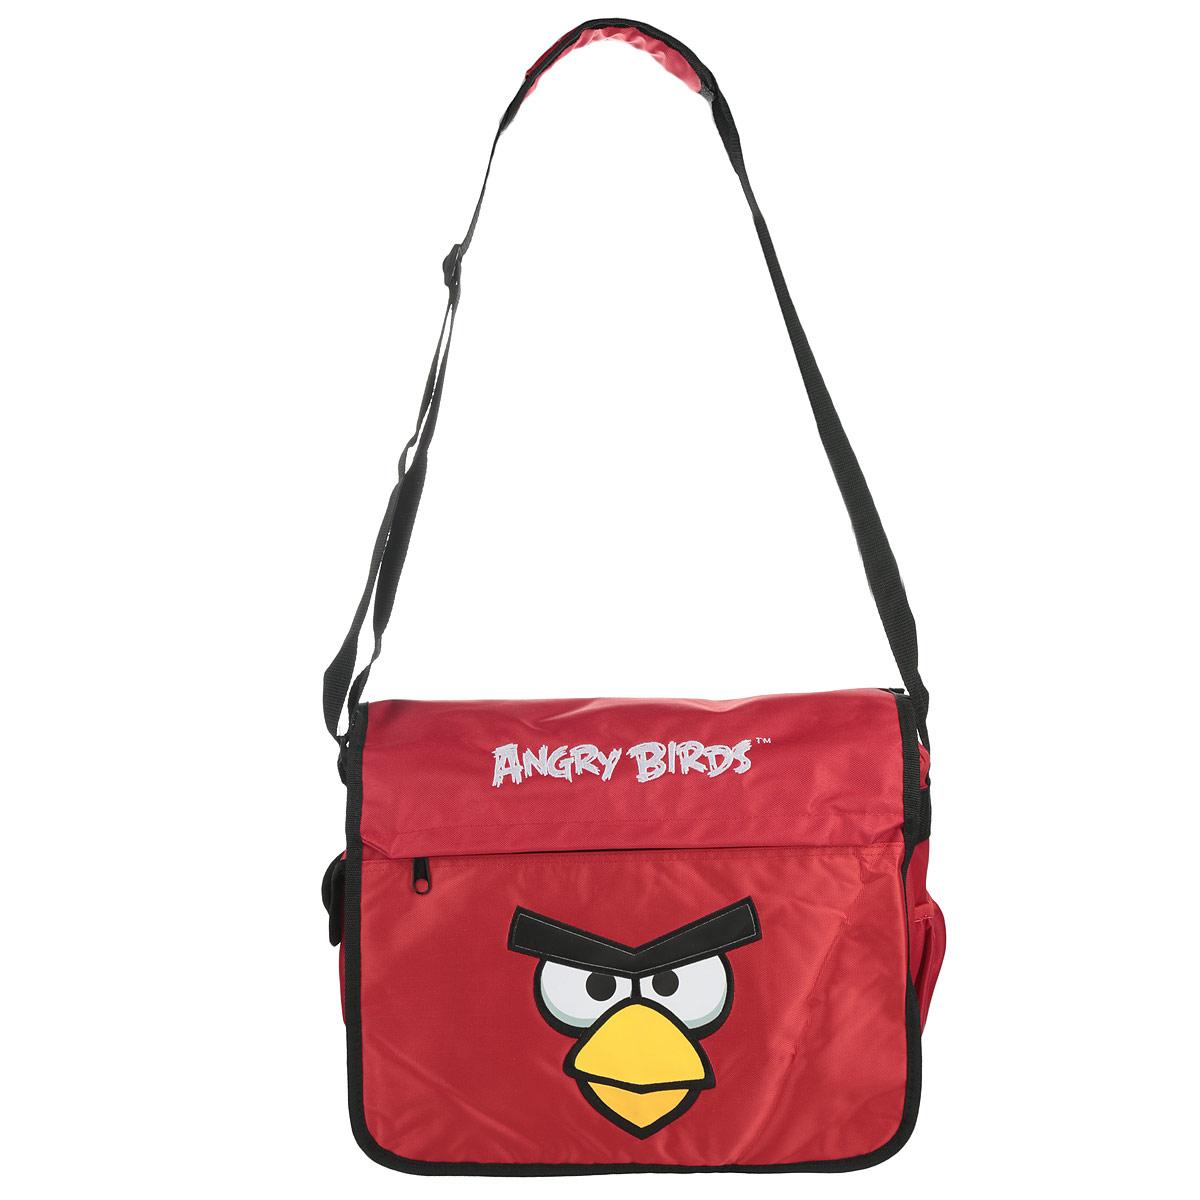 Сумка школьная Hatber Angry Birds, цвет: красный, черный, желтый. NSn_00203NSn_00203Многофункциональная школьная сумка Hatber Angry Birds выполнена из прочного износостойкого материала высокого качества. Изделие оформлено принтом с изображением птички.Сумка имеет одно основное отделение, которое закрывается на застежку-молнию и дополнительно закрывантся откидным клапаном на липучки. Внутри отделения расположен нашитый карман на молнии и жесткий средник-разделитель. Снаружи под откидным клапаном расположен накладной сетчатый карман на молнии. На лицевой стороне сумки расположен вшитый карман на молнии. По бокам изделия размещены два дополнительных накладных кармана, один из застегивается на липучку. Сумка оснащена плечевым ремнем с мягкой подложкой, длина ремня регулируется при помощи пряжки.Многофункциональная школьная сумка Hatber Angry Birds станет незаменимым спутником вашего ребенка в походах за знаниями.